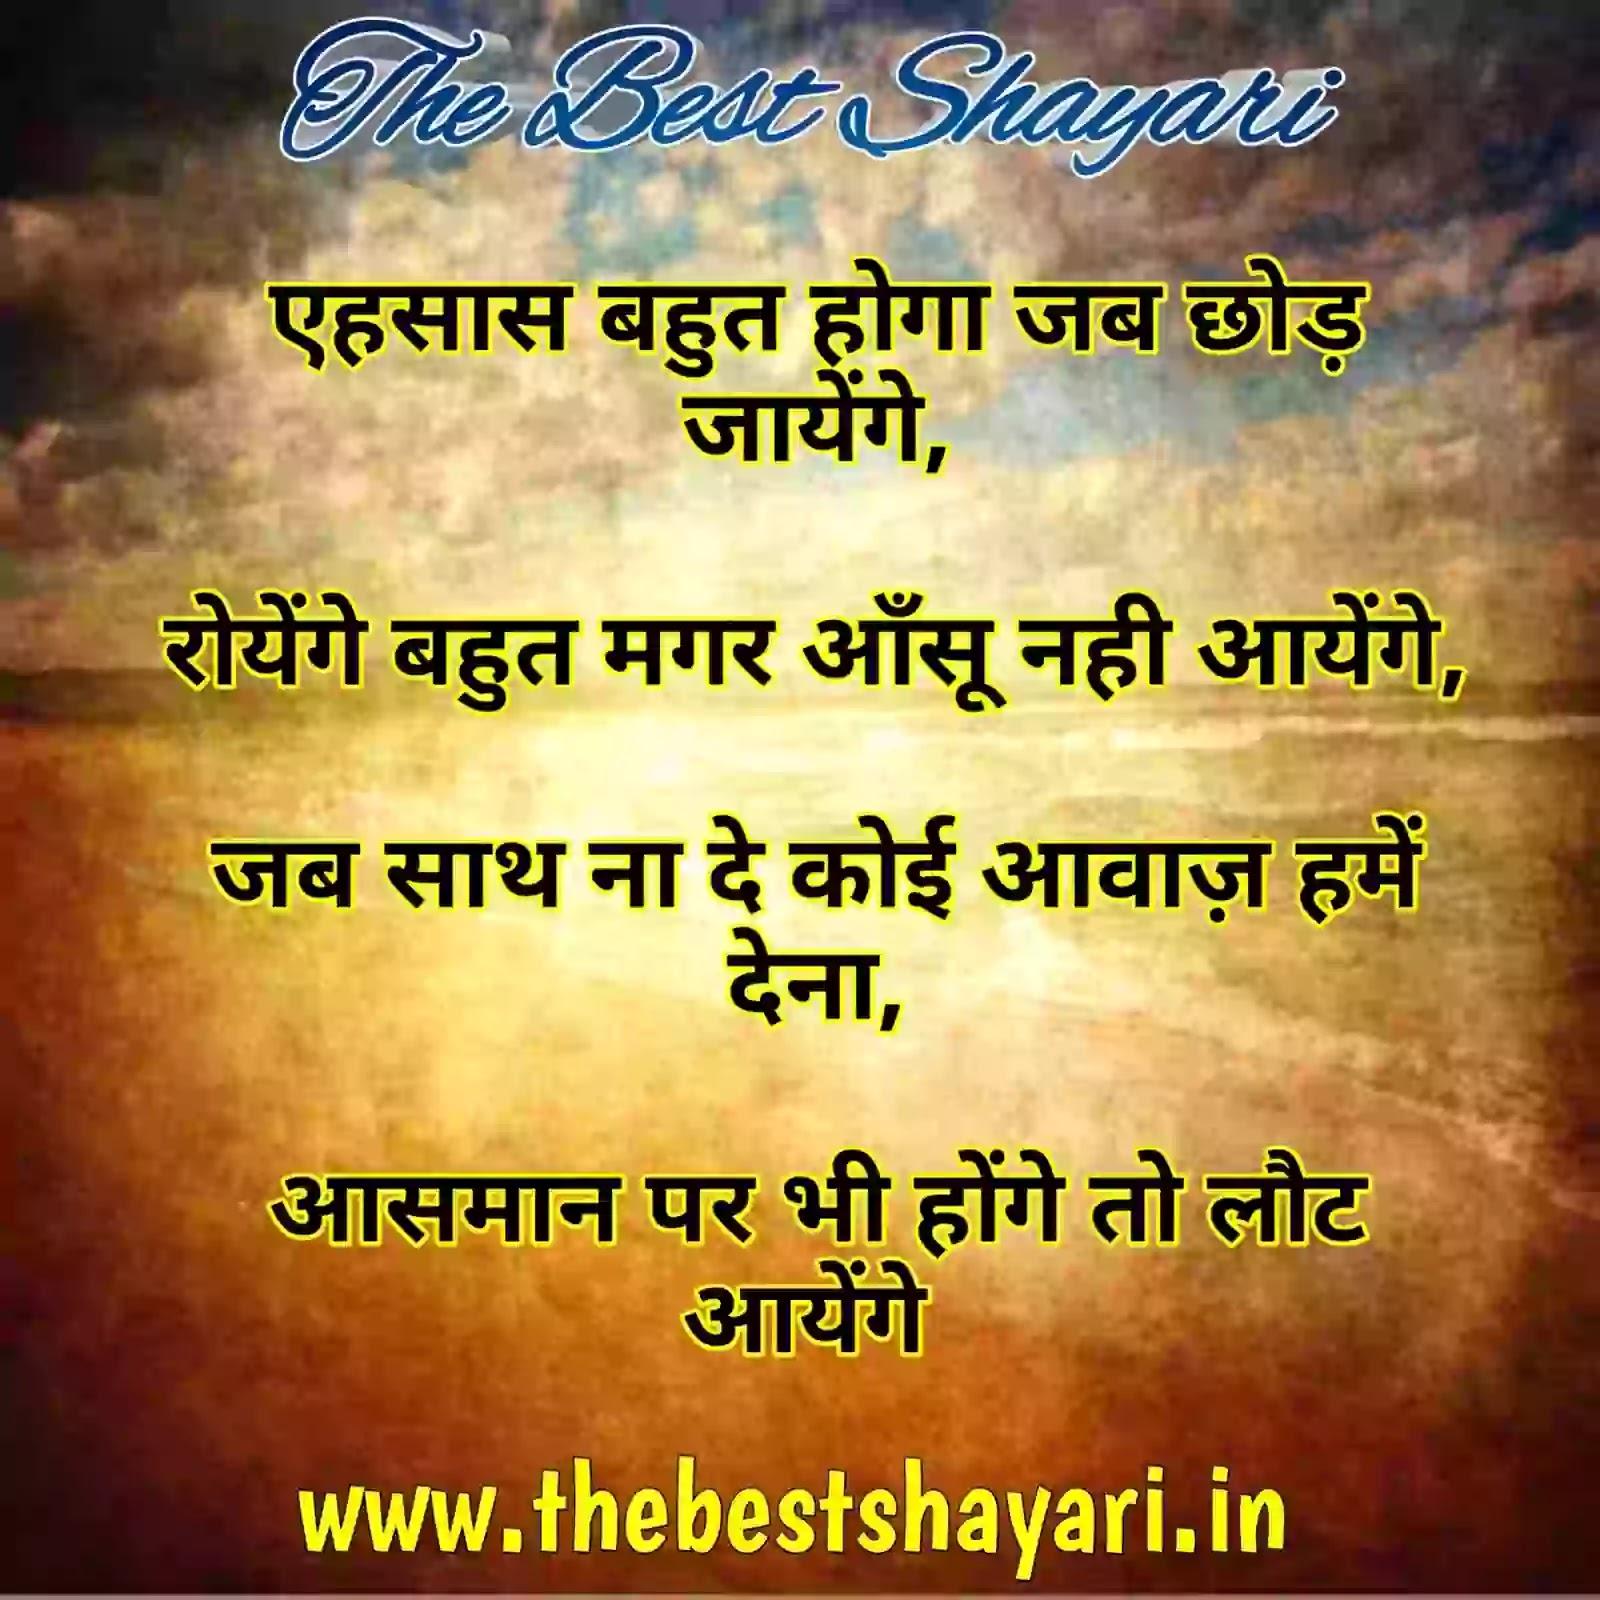 Best yaad shayaris